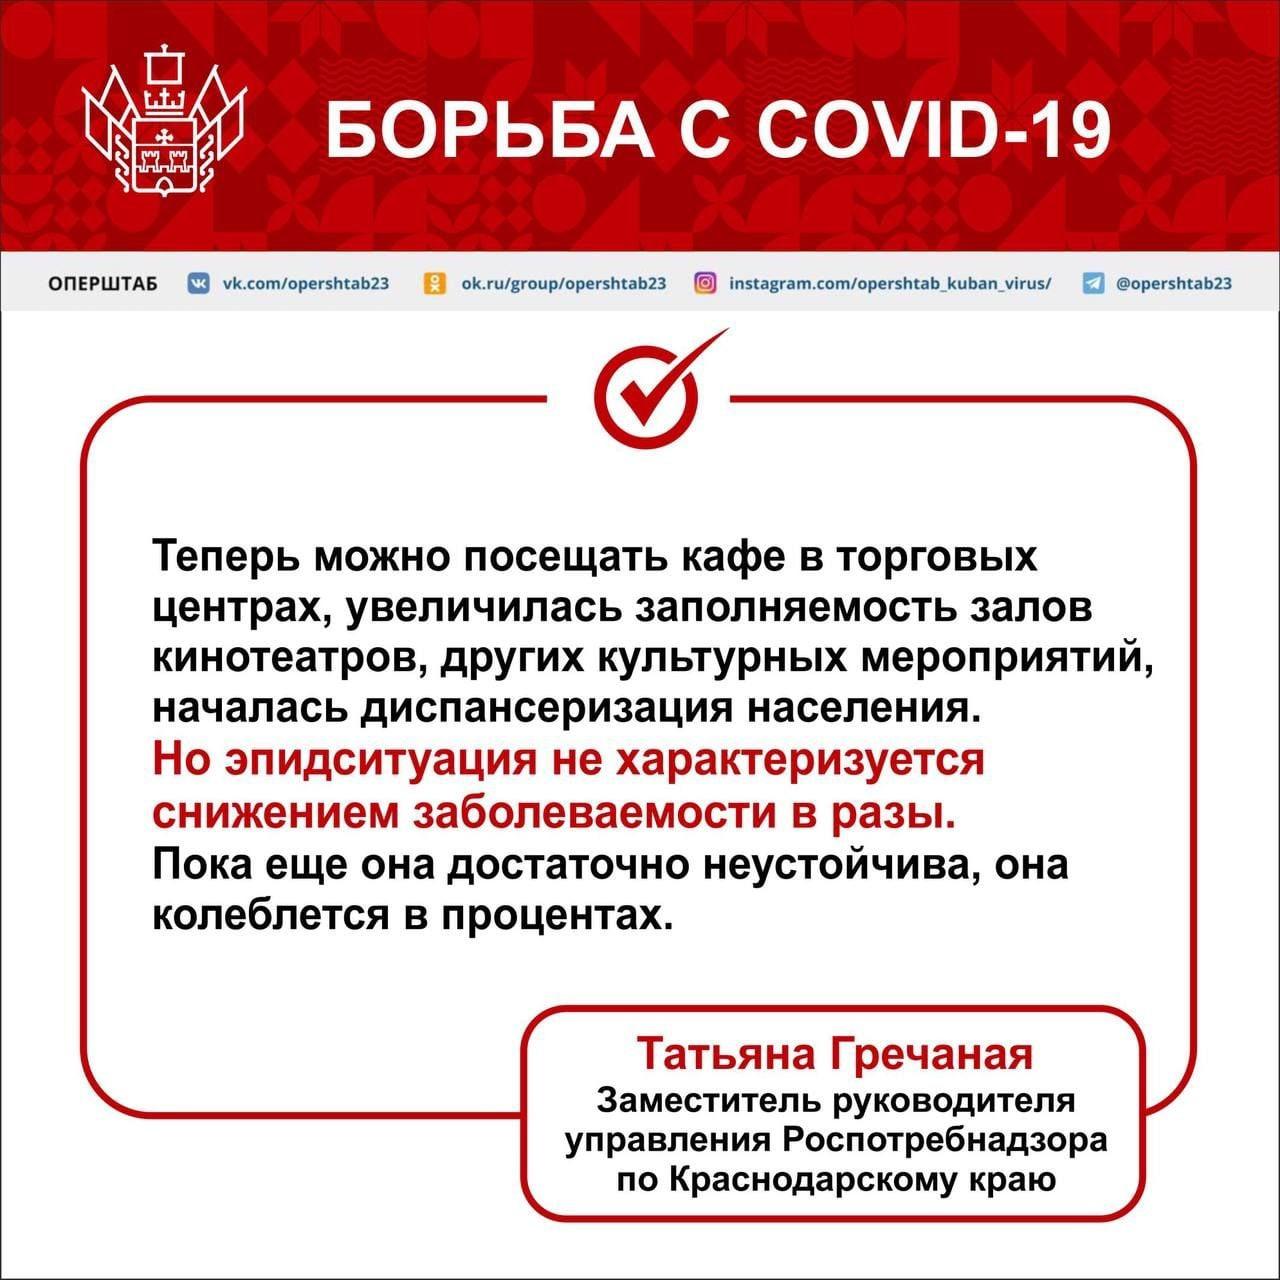 Насколько стабильна ситуация с коронавирусом в крае? Безопасно...